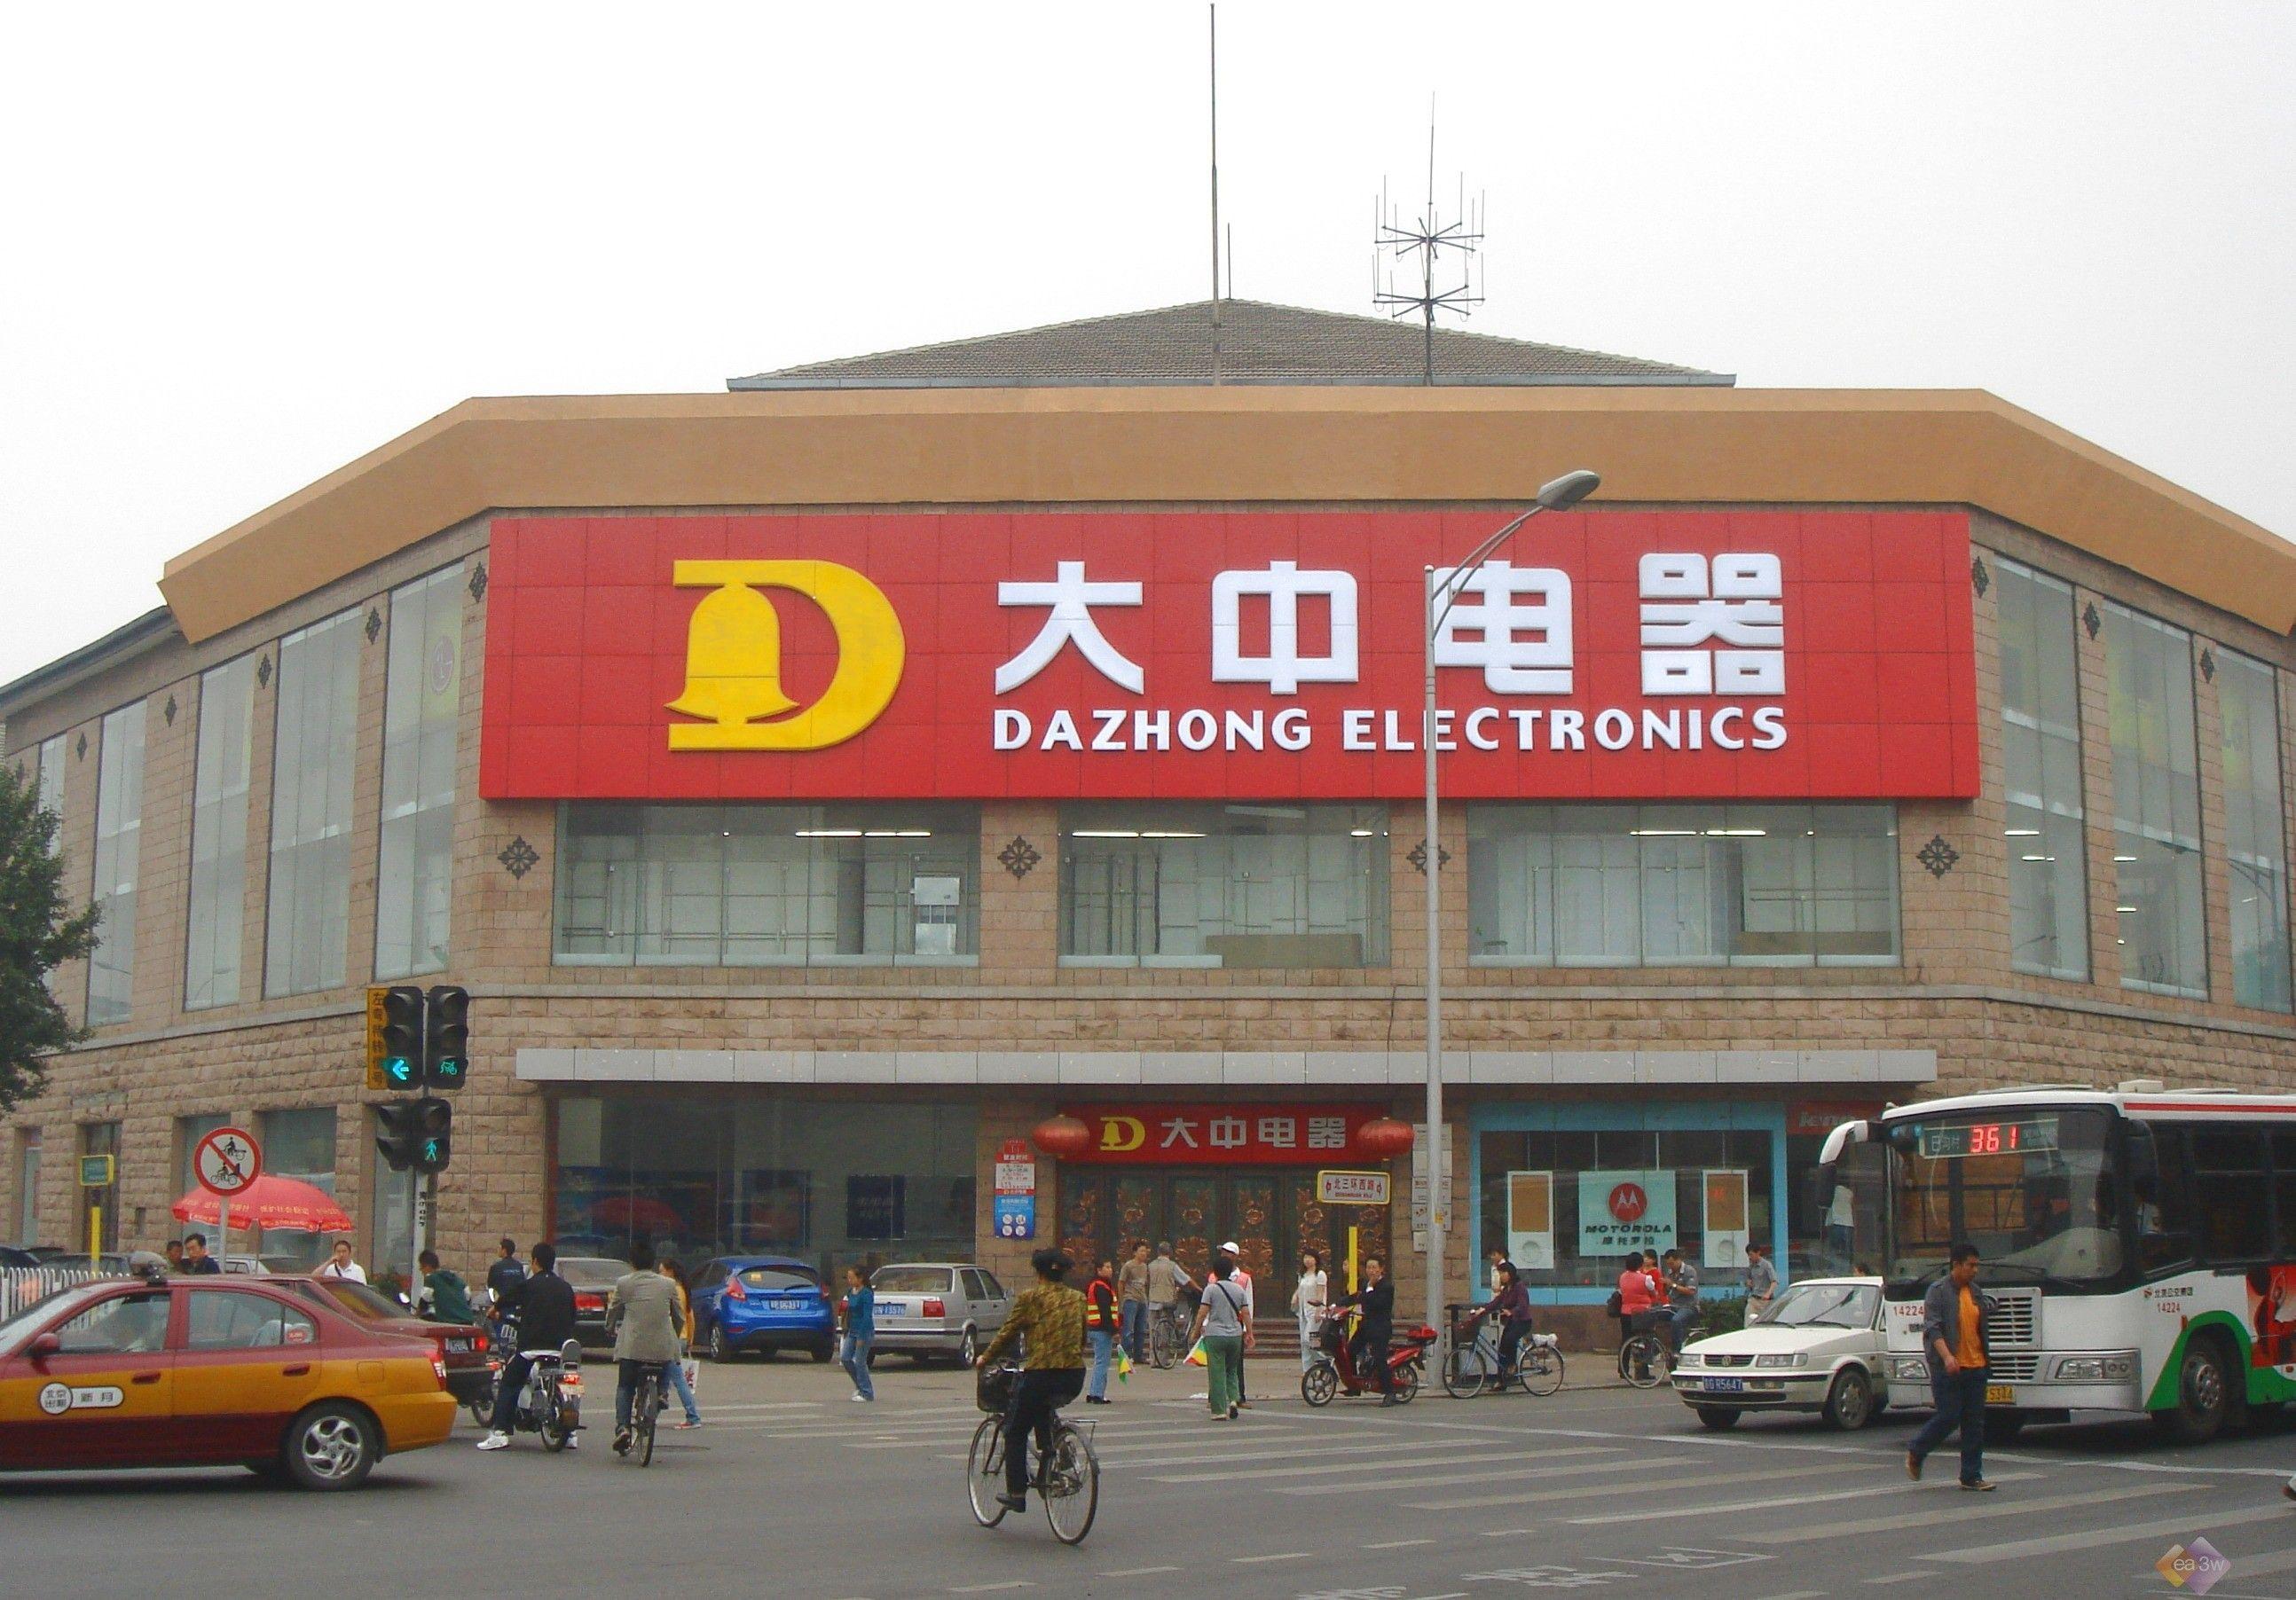 大中电器友谊店